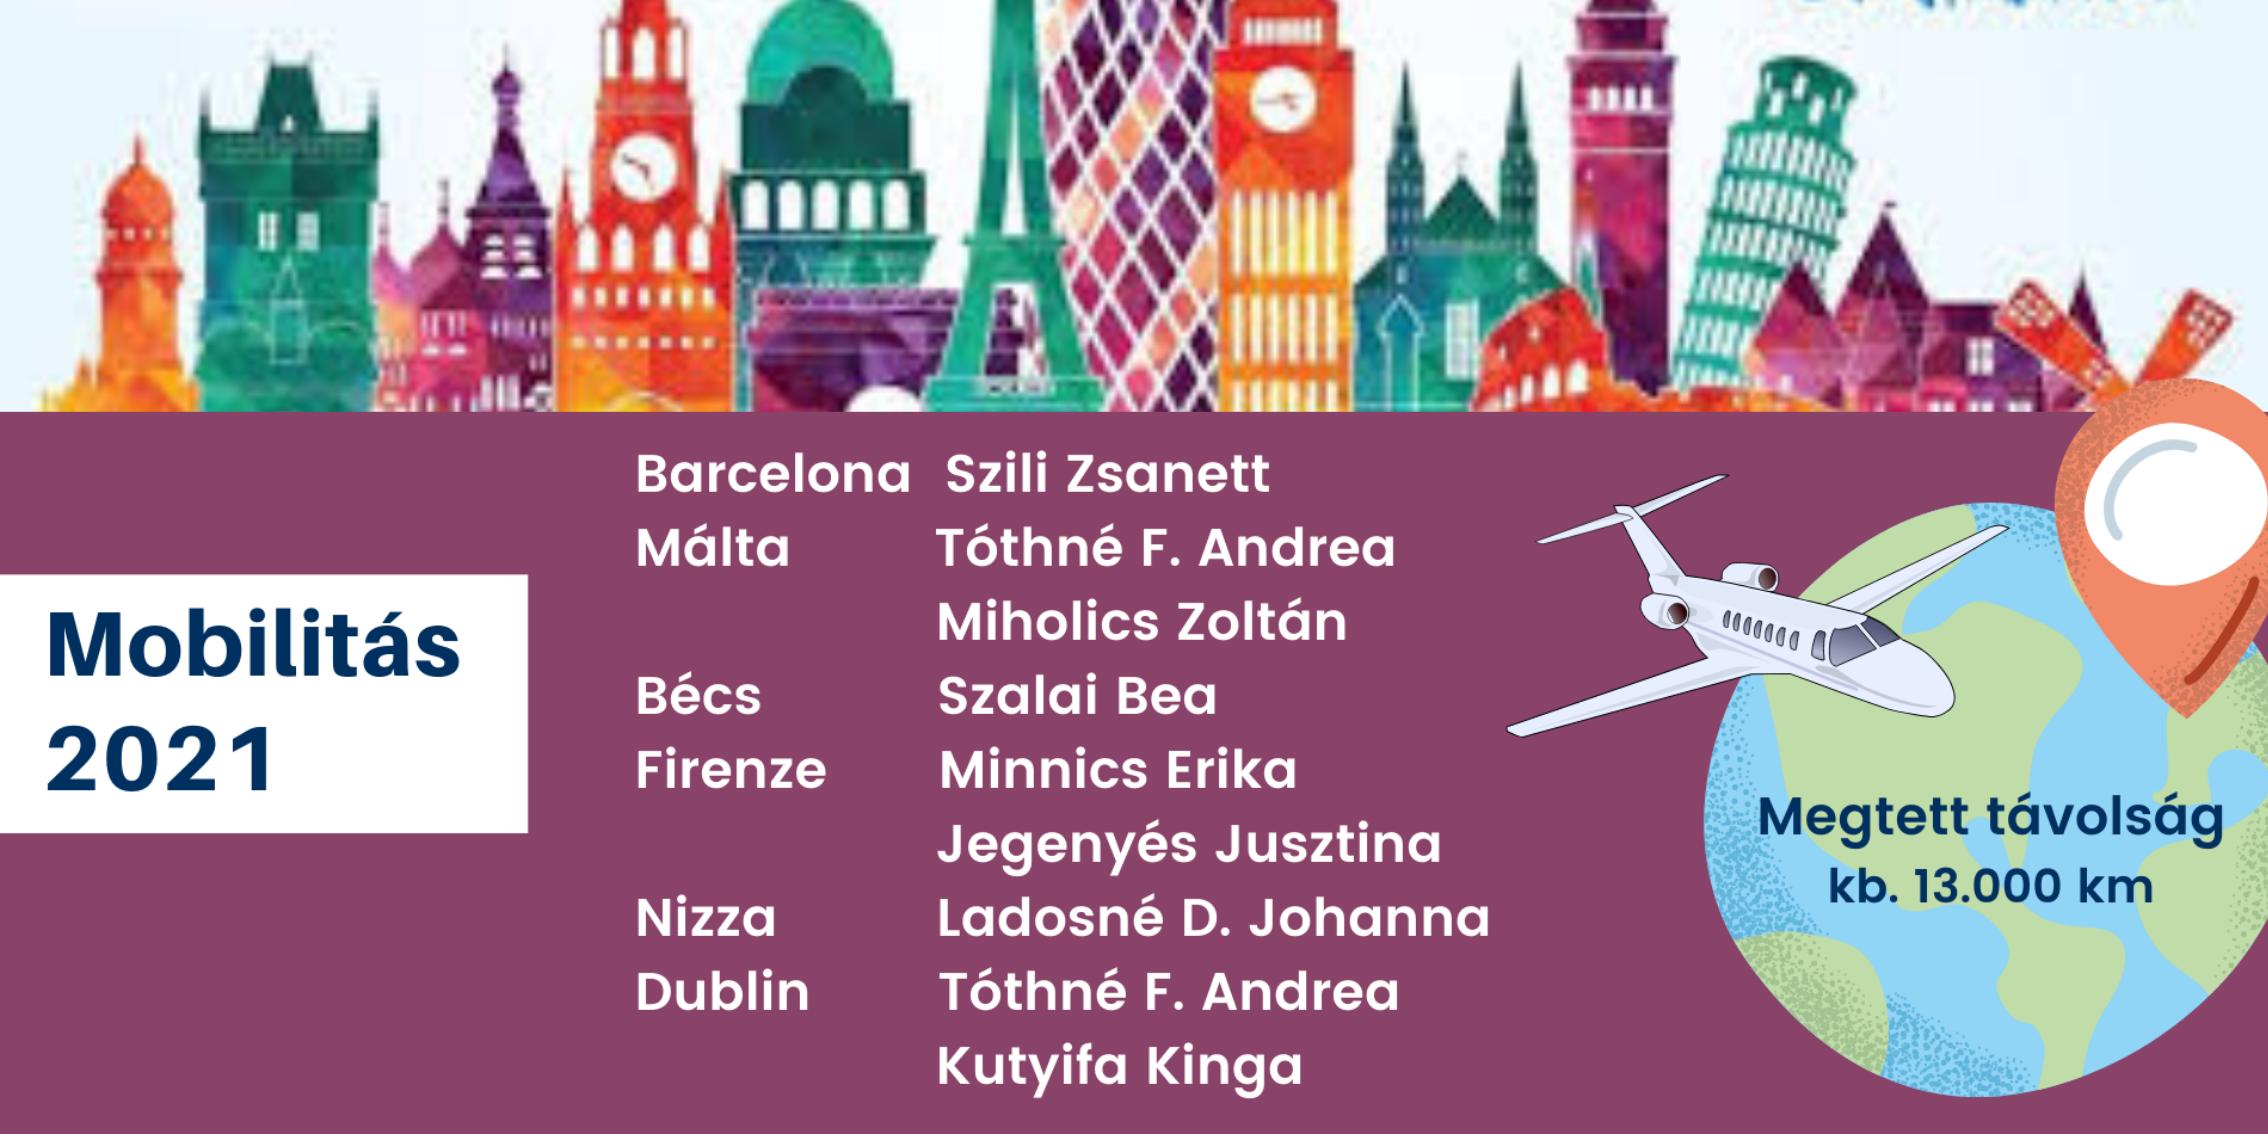 Erasmus 2021 tanártovábbképzéseink (beszámoló)